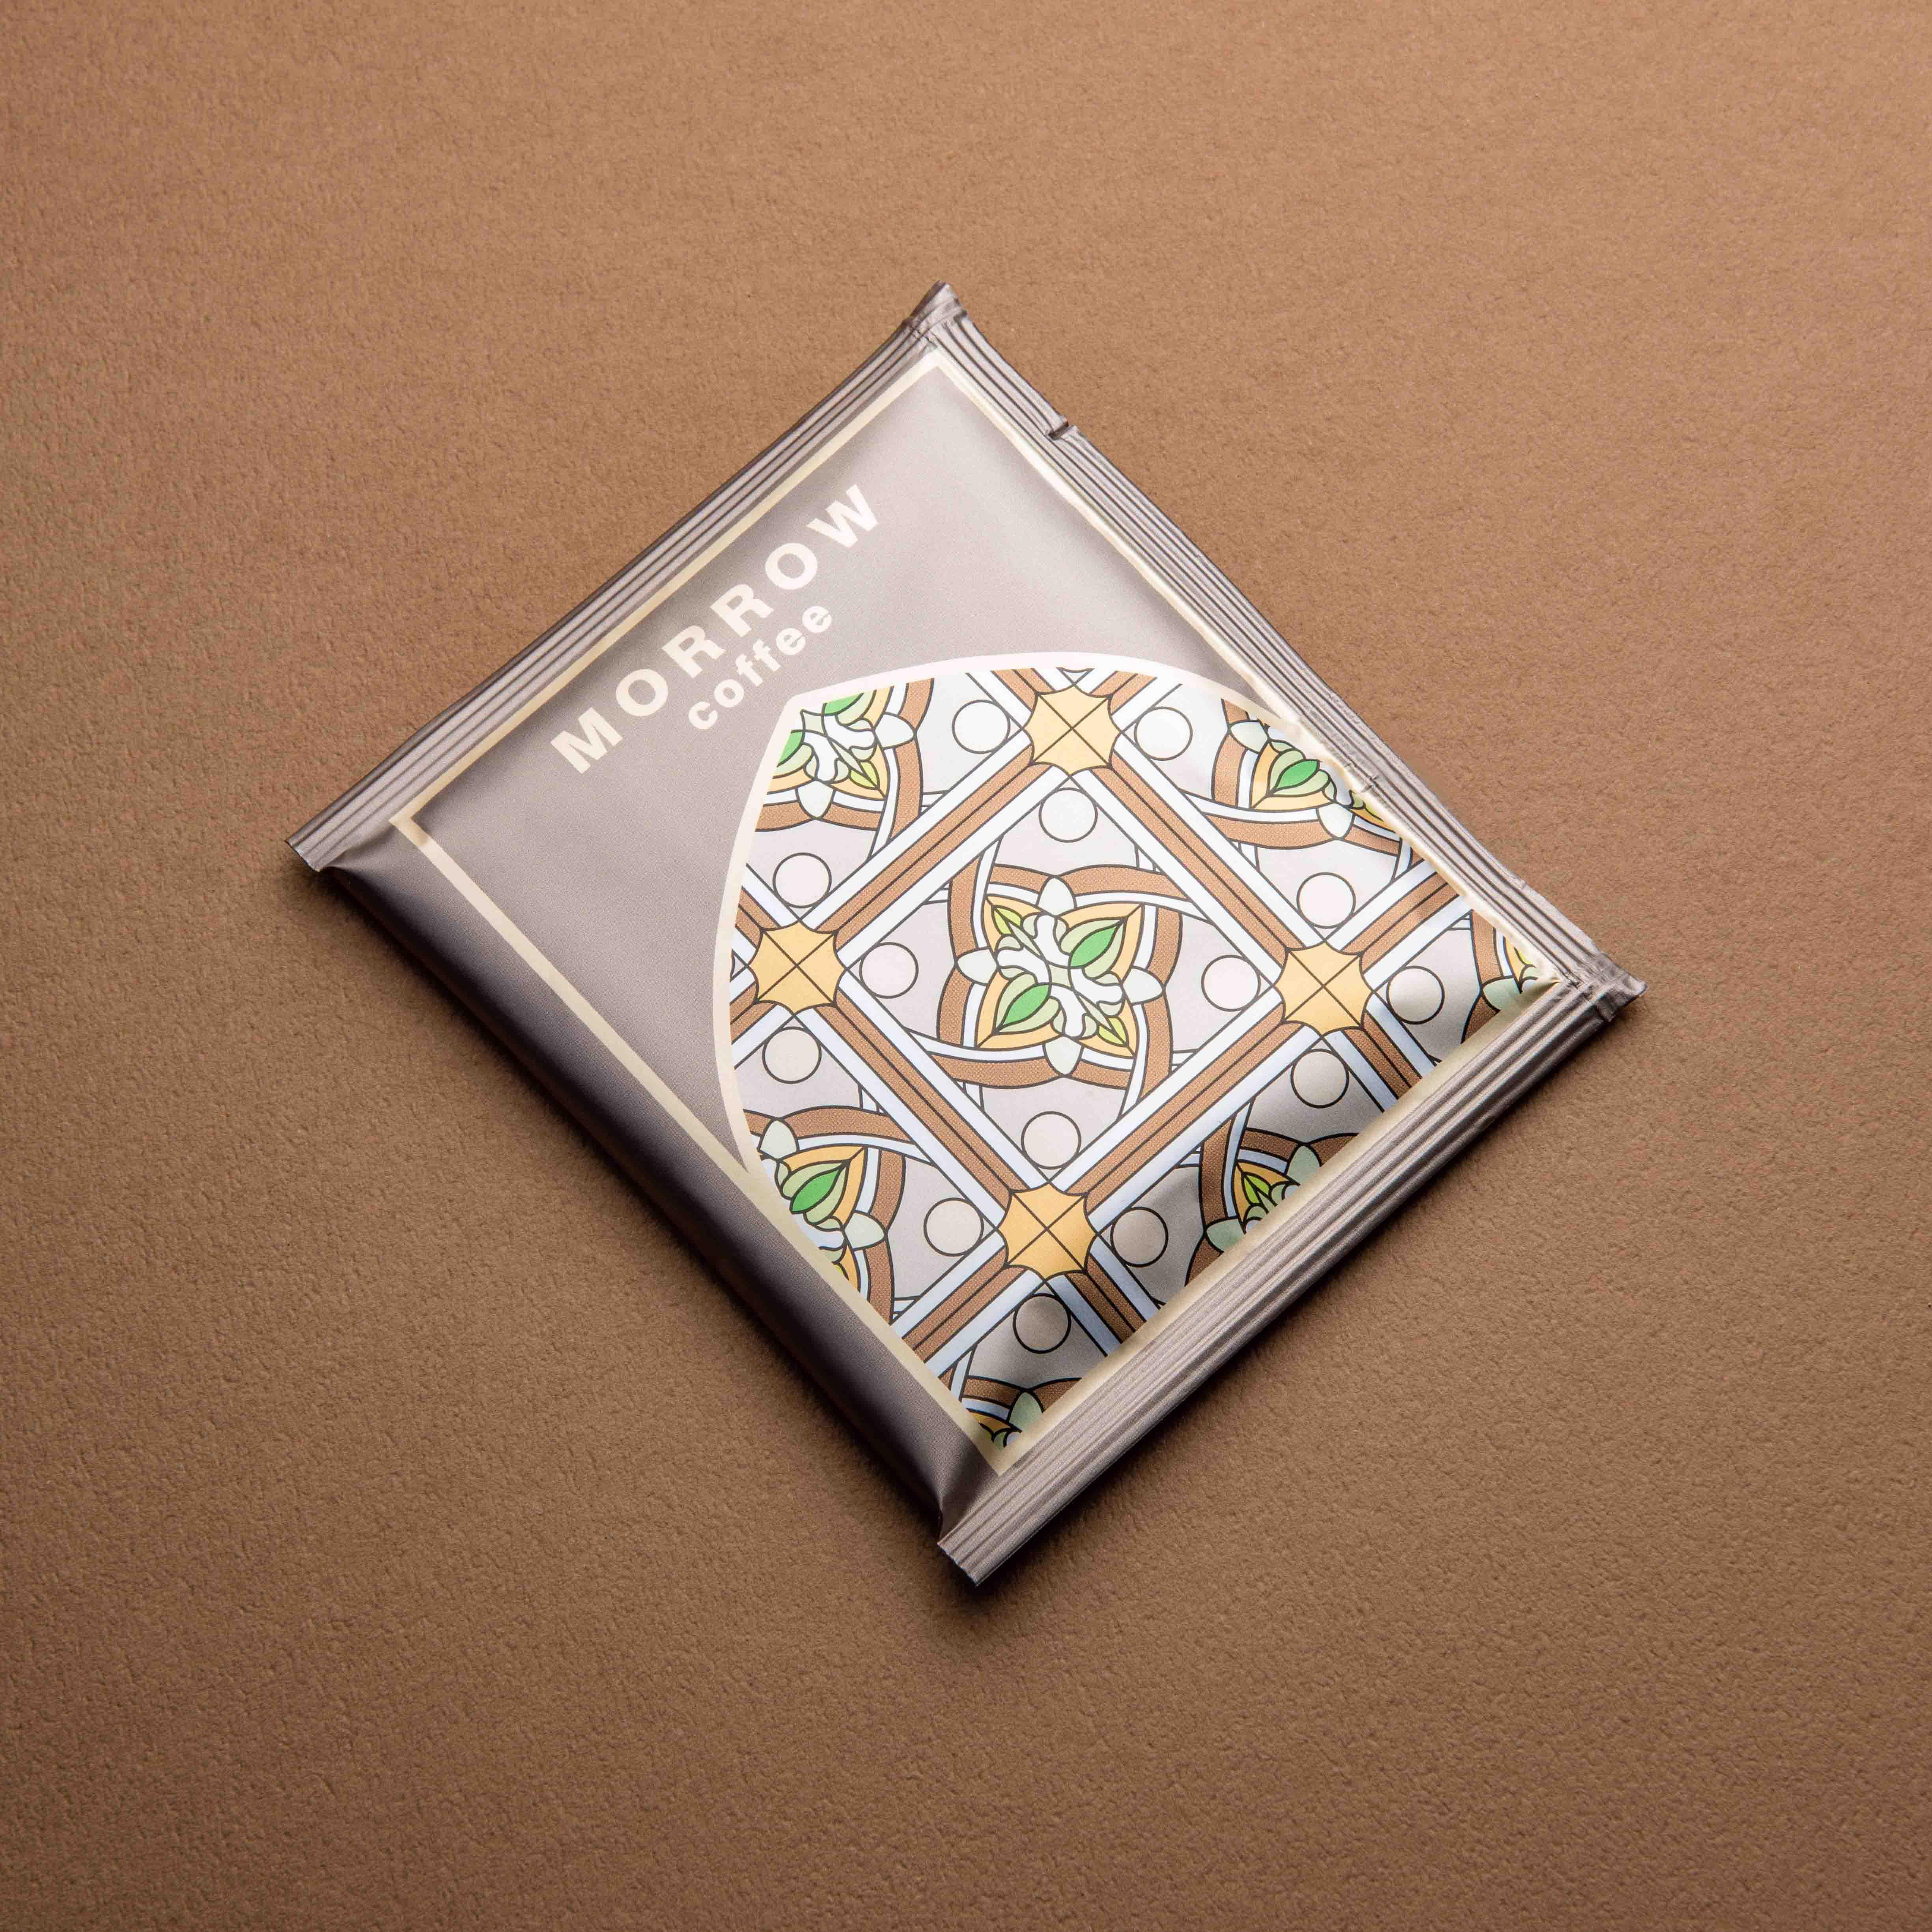 MORROW 黃金曼特寧 單品濾掛式咖啡盒裝 10入